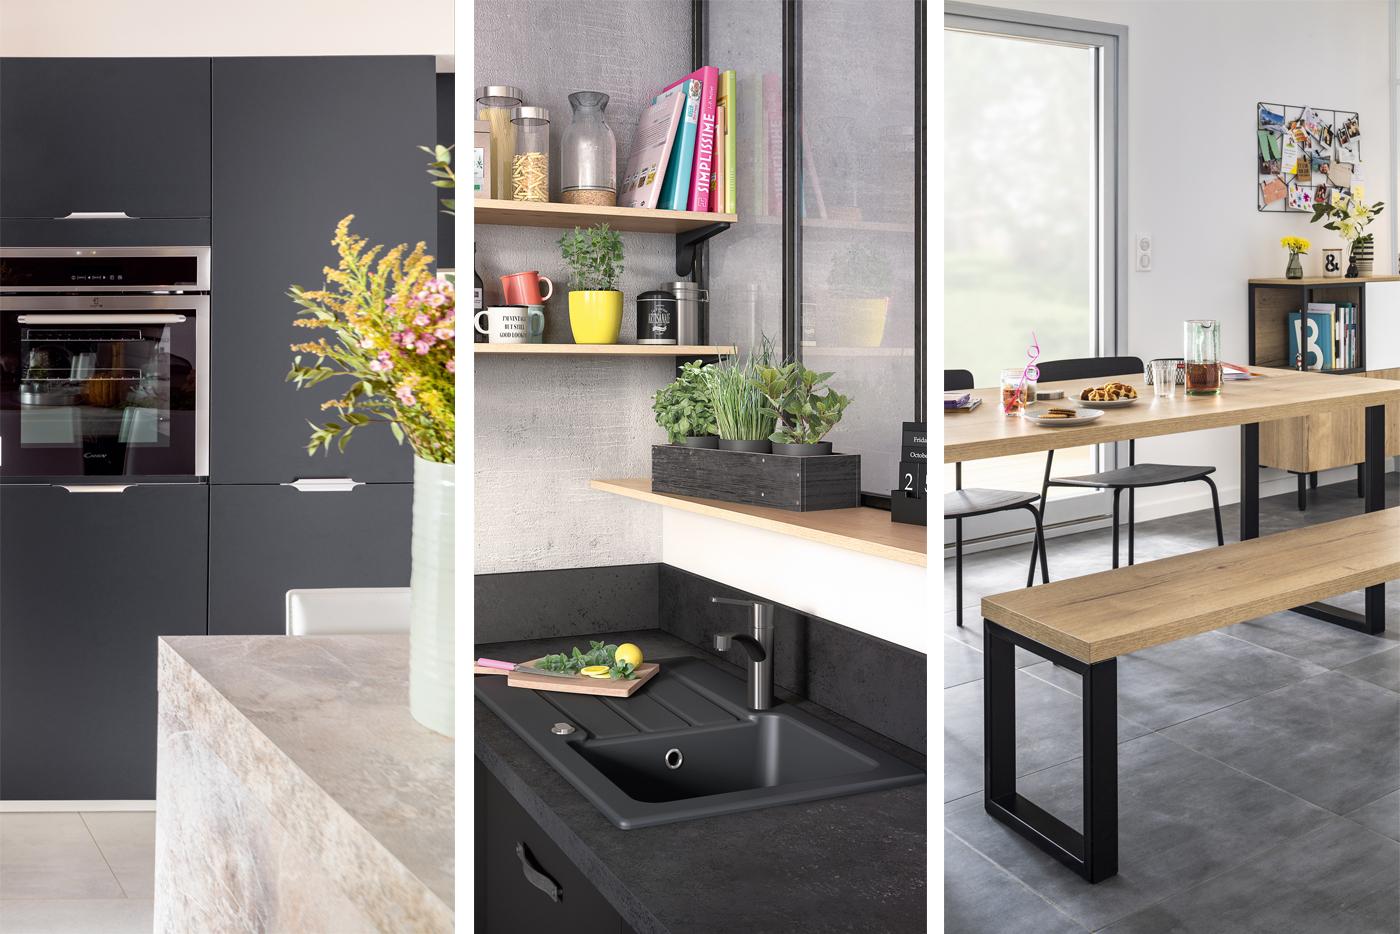 Les équipements de la cuisine équipée : électros, éviers et espace repas